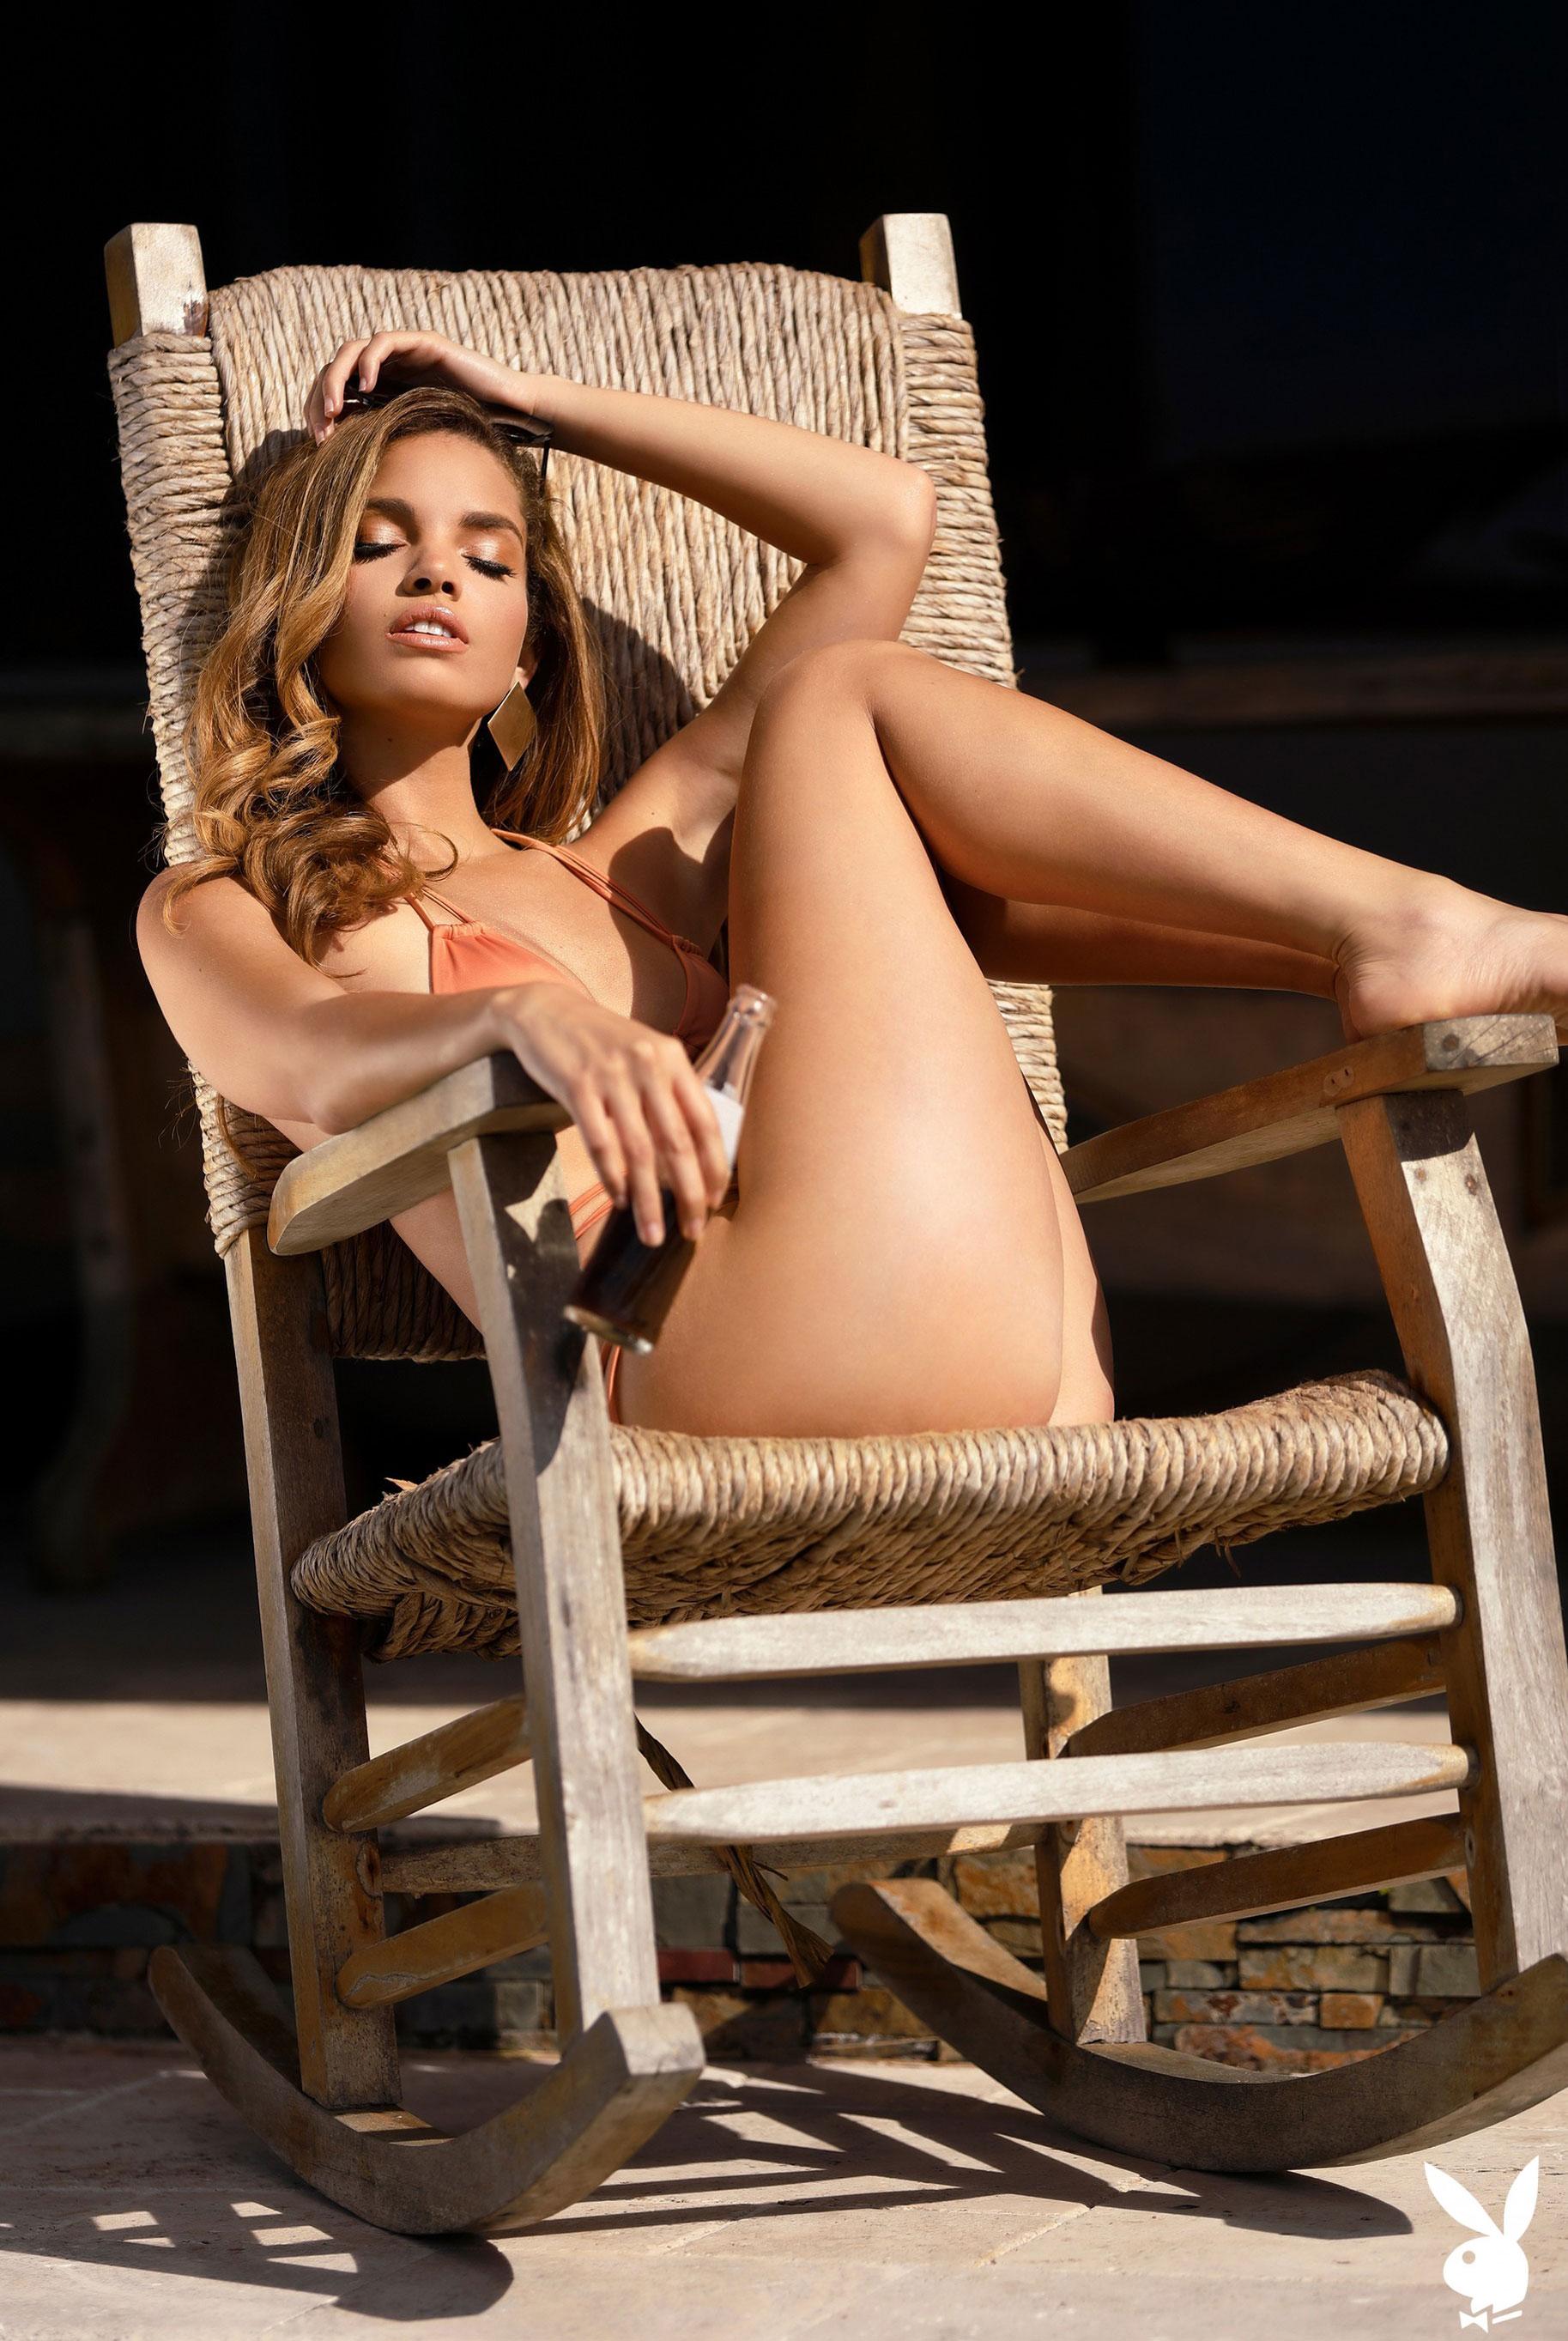 Мисс Июнь 2019 американского Playboy Йоли Лара / фото 34